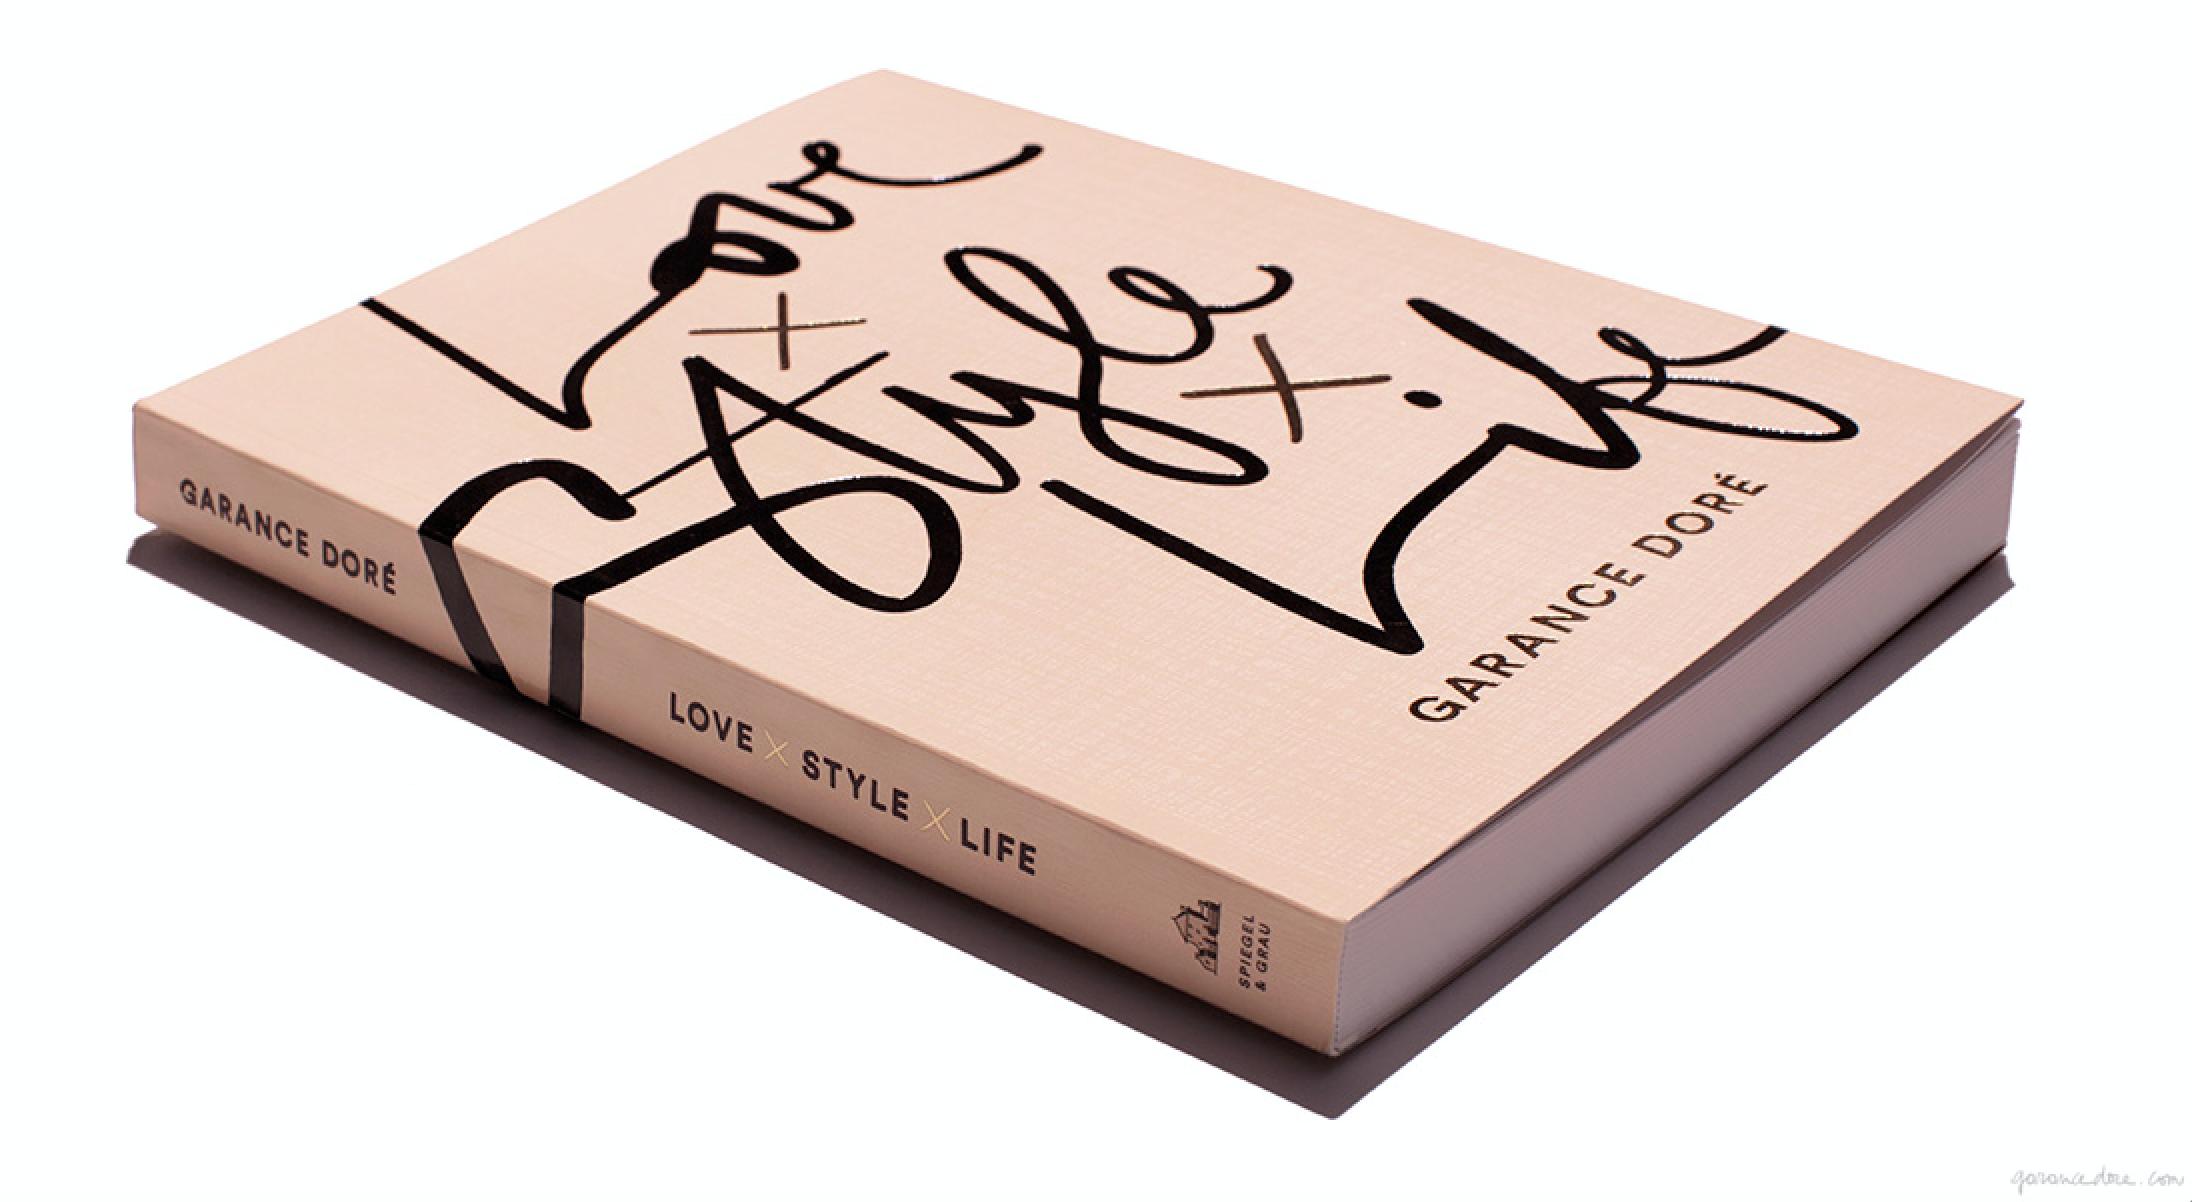 LOVE x STYLE x LIFE - by Garance Doré | Penguin Random House